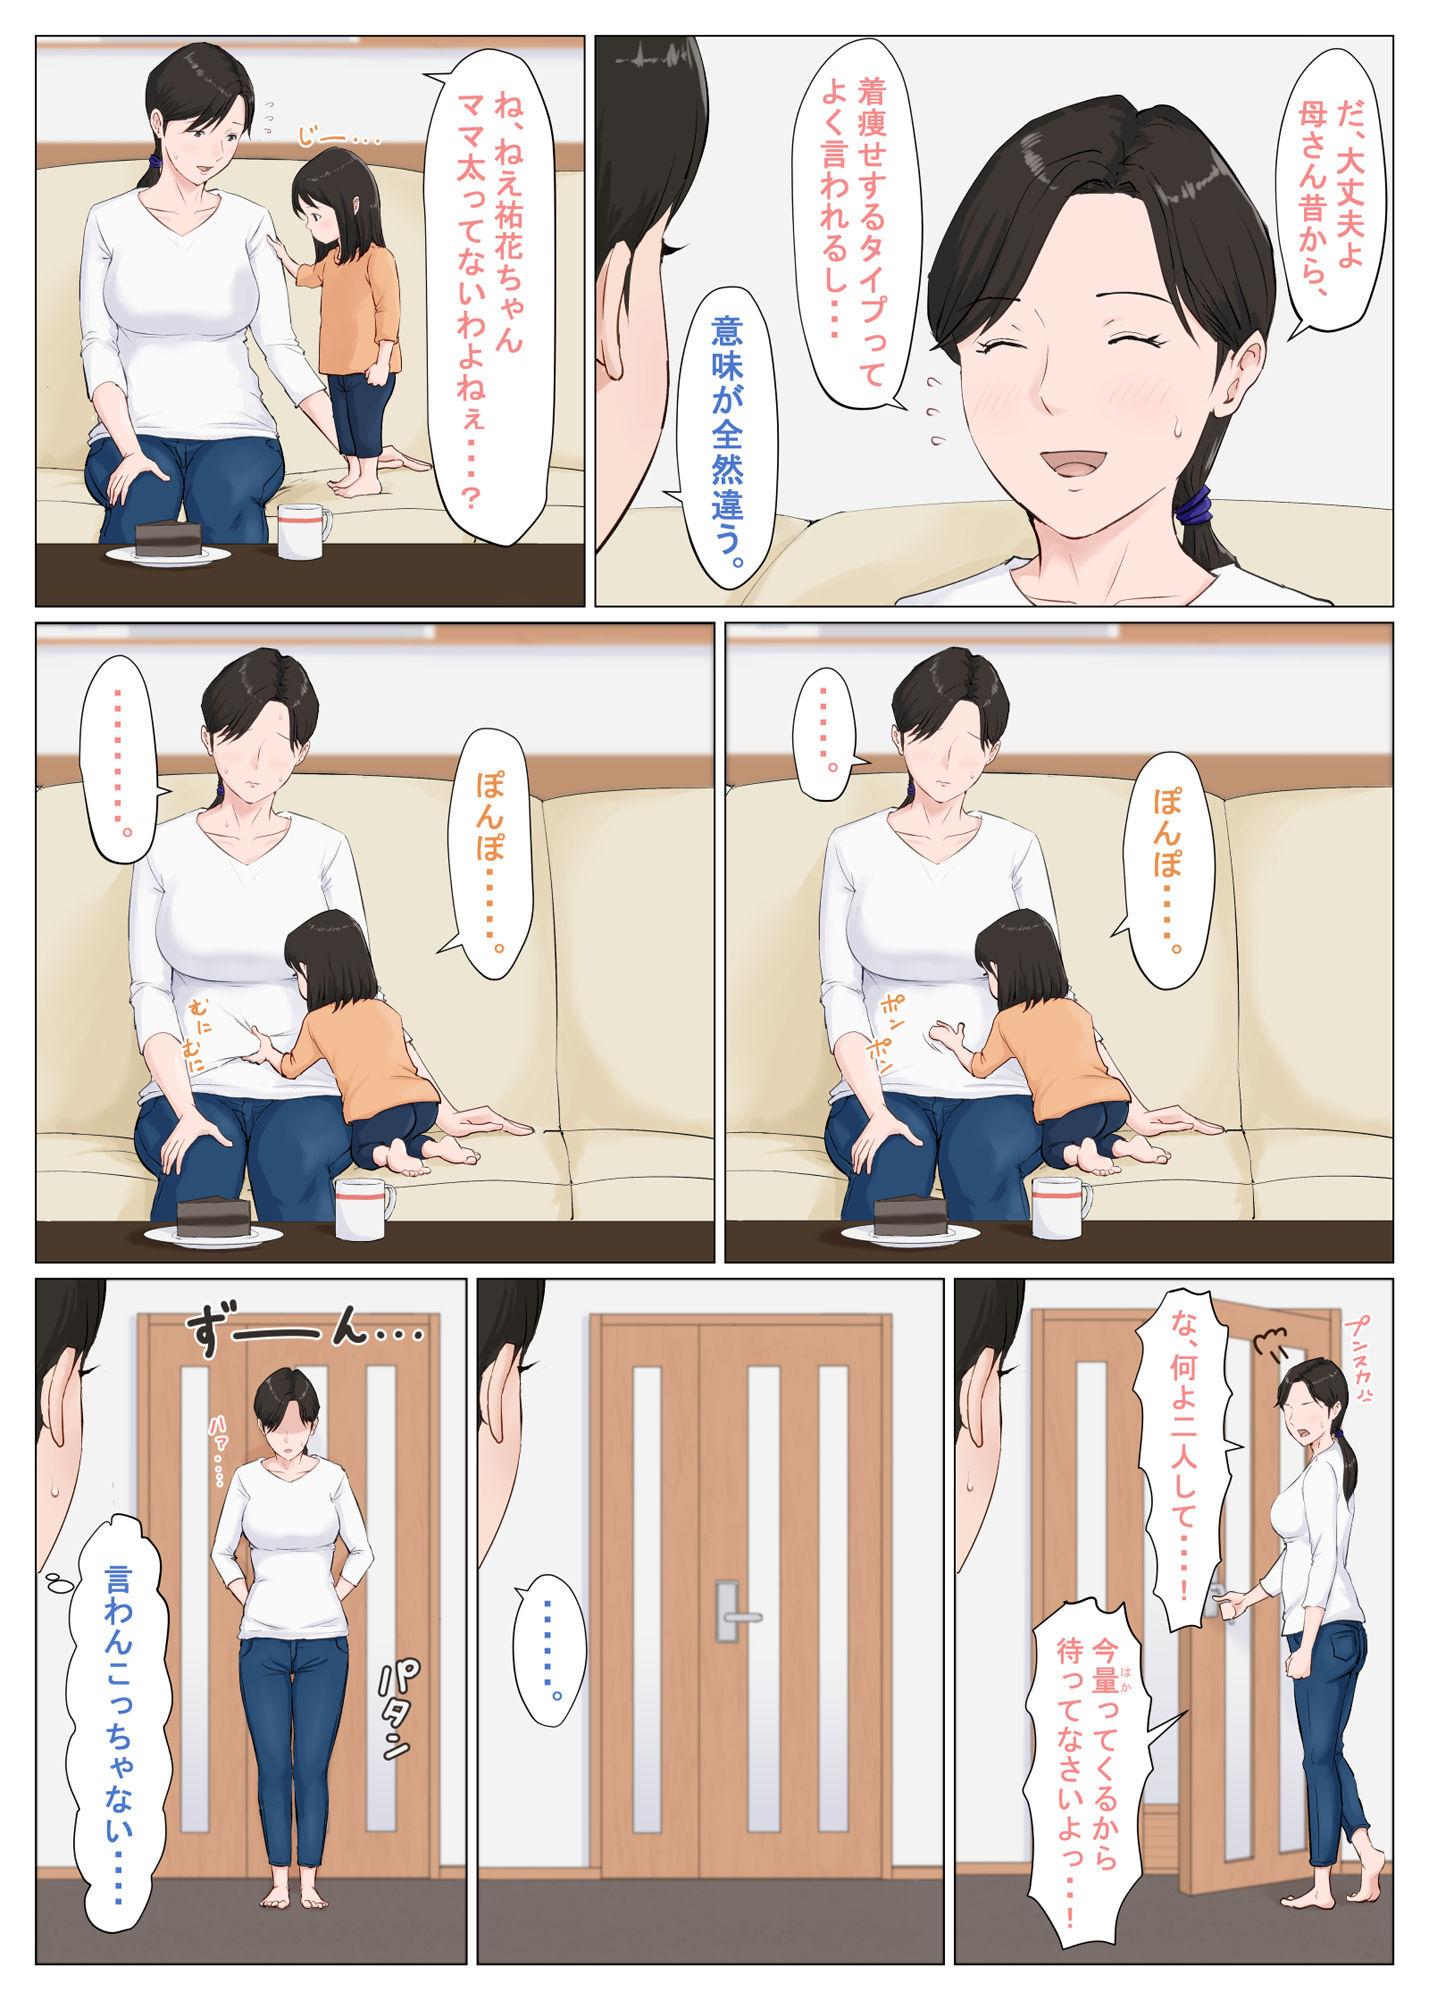 【エロ漫画無料大全集】母さんとのセックスでないとイケないカラダになってしまい…